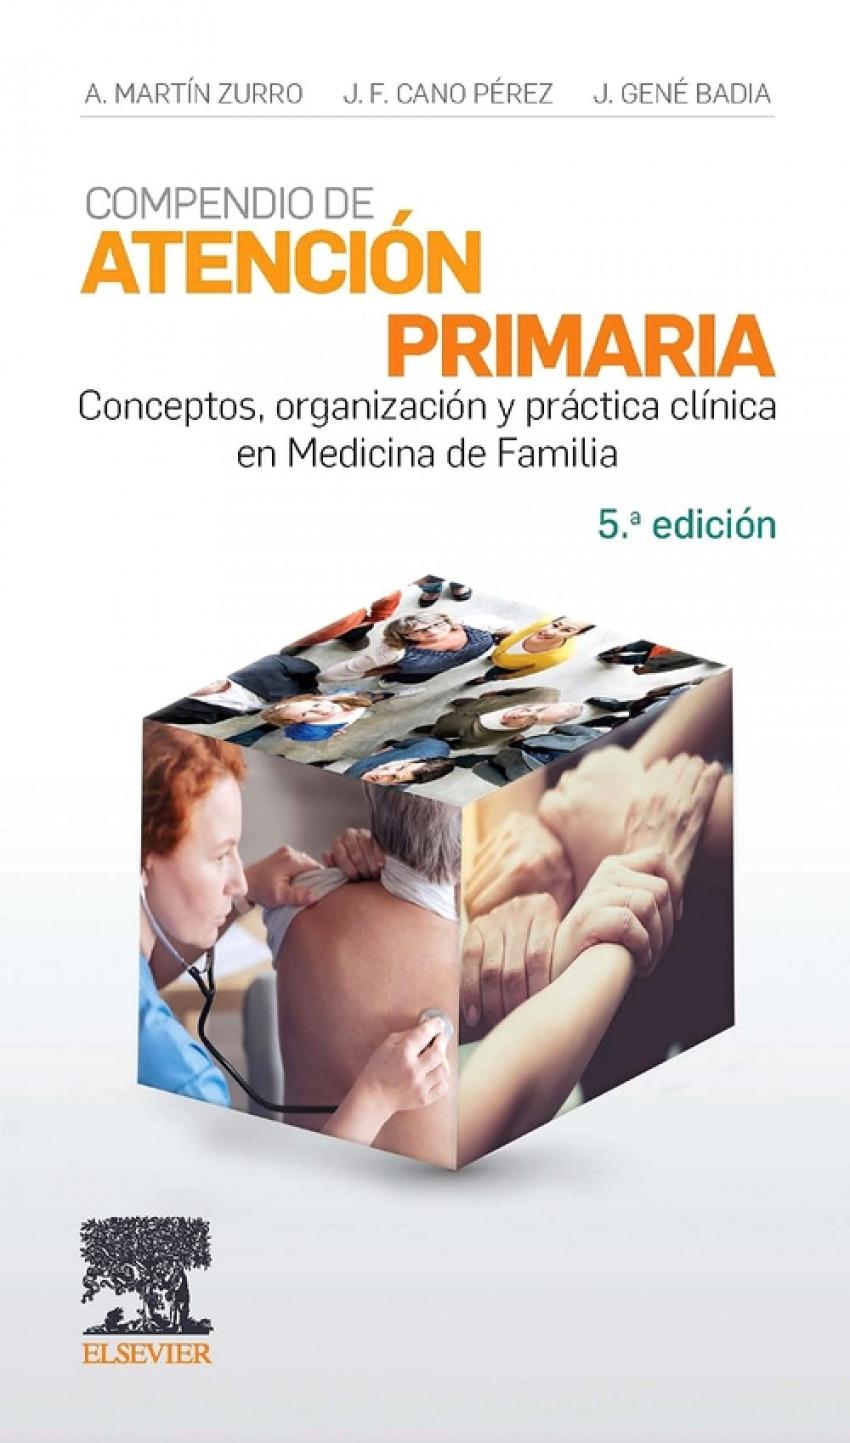 Compendio de Atención Primaria (5ª ed.)